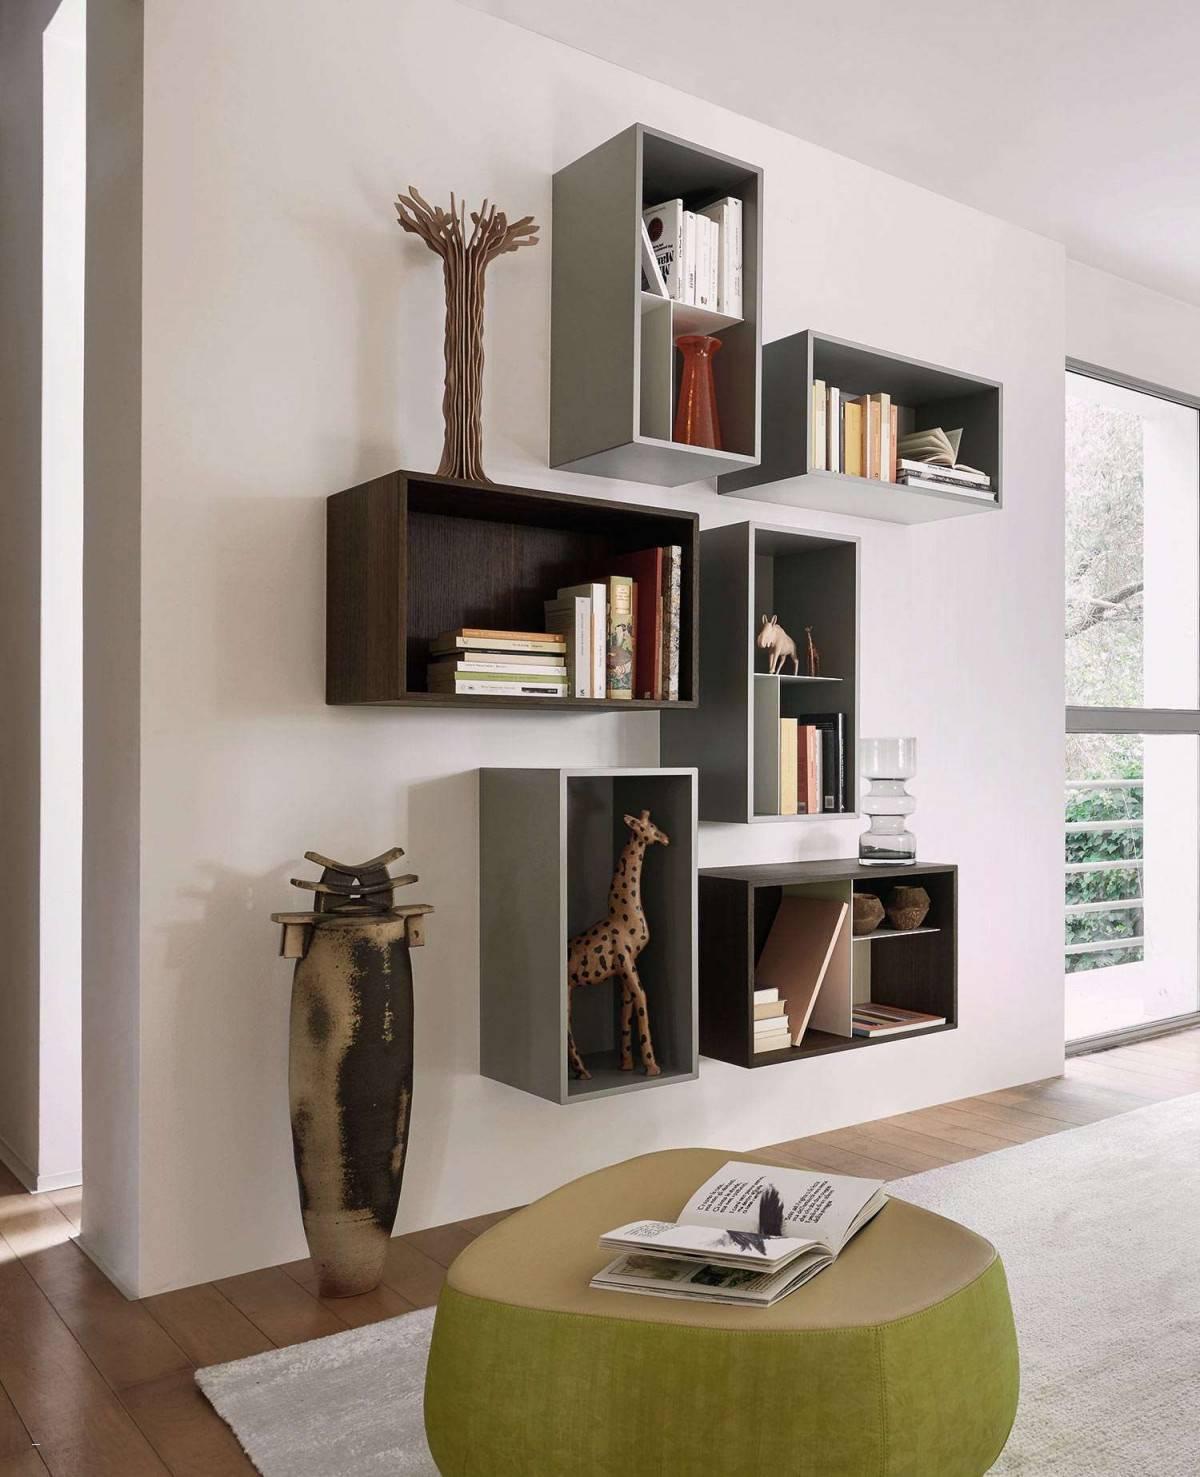 Dekoartikel Modern Einzigartig Frisch Wohnzimmer Dekoration Modern Konzept   Garten Deko